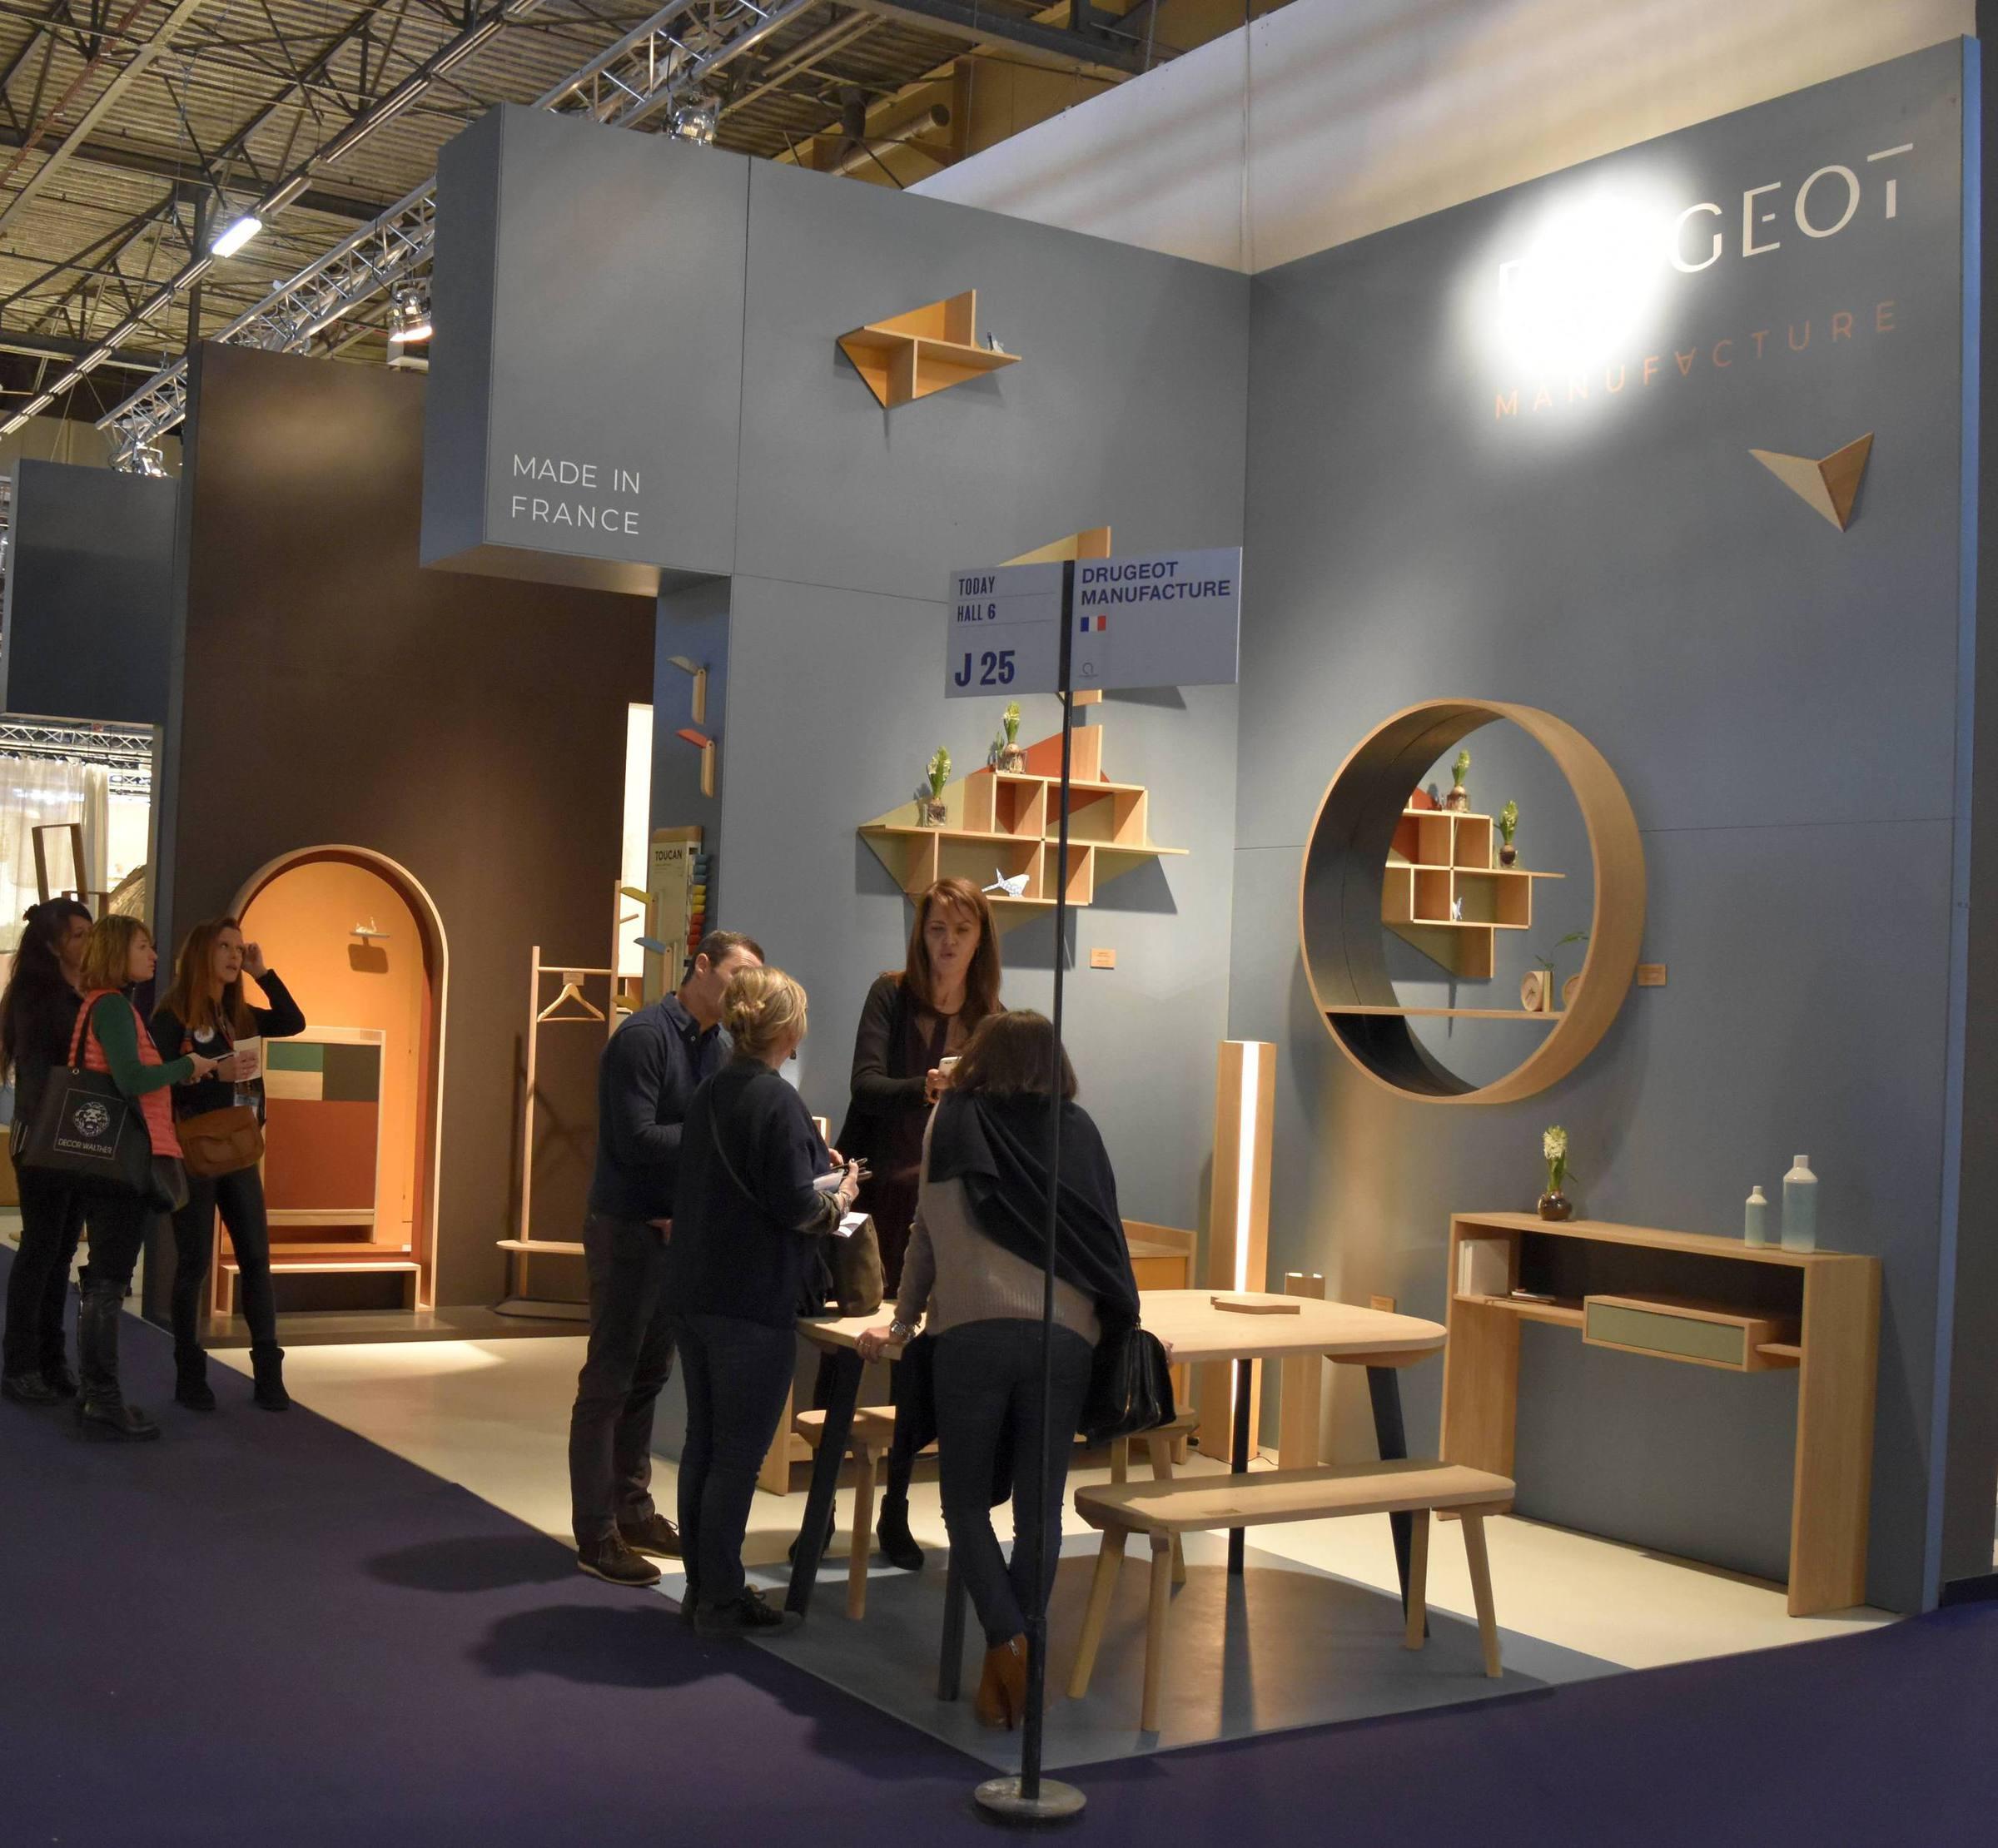 maison-objet-2019-drugeot-mobilier-design